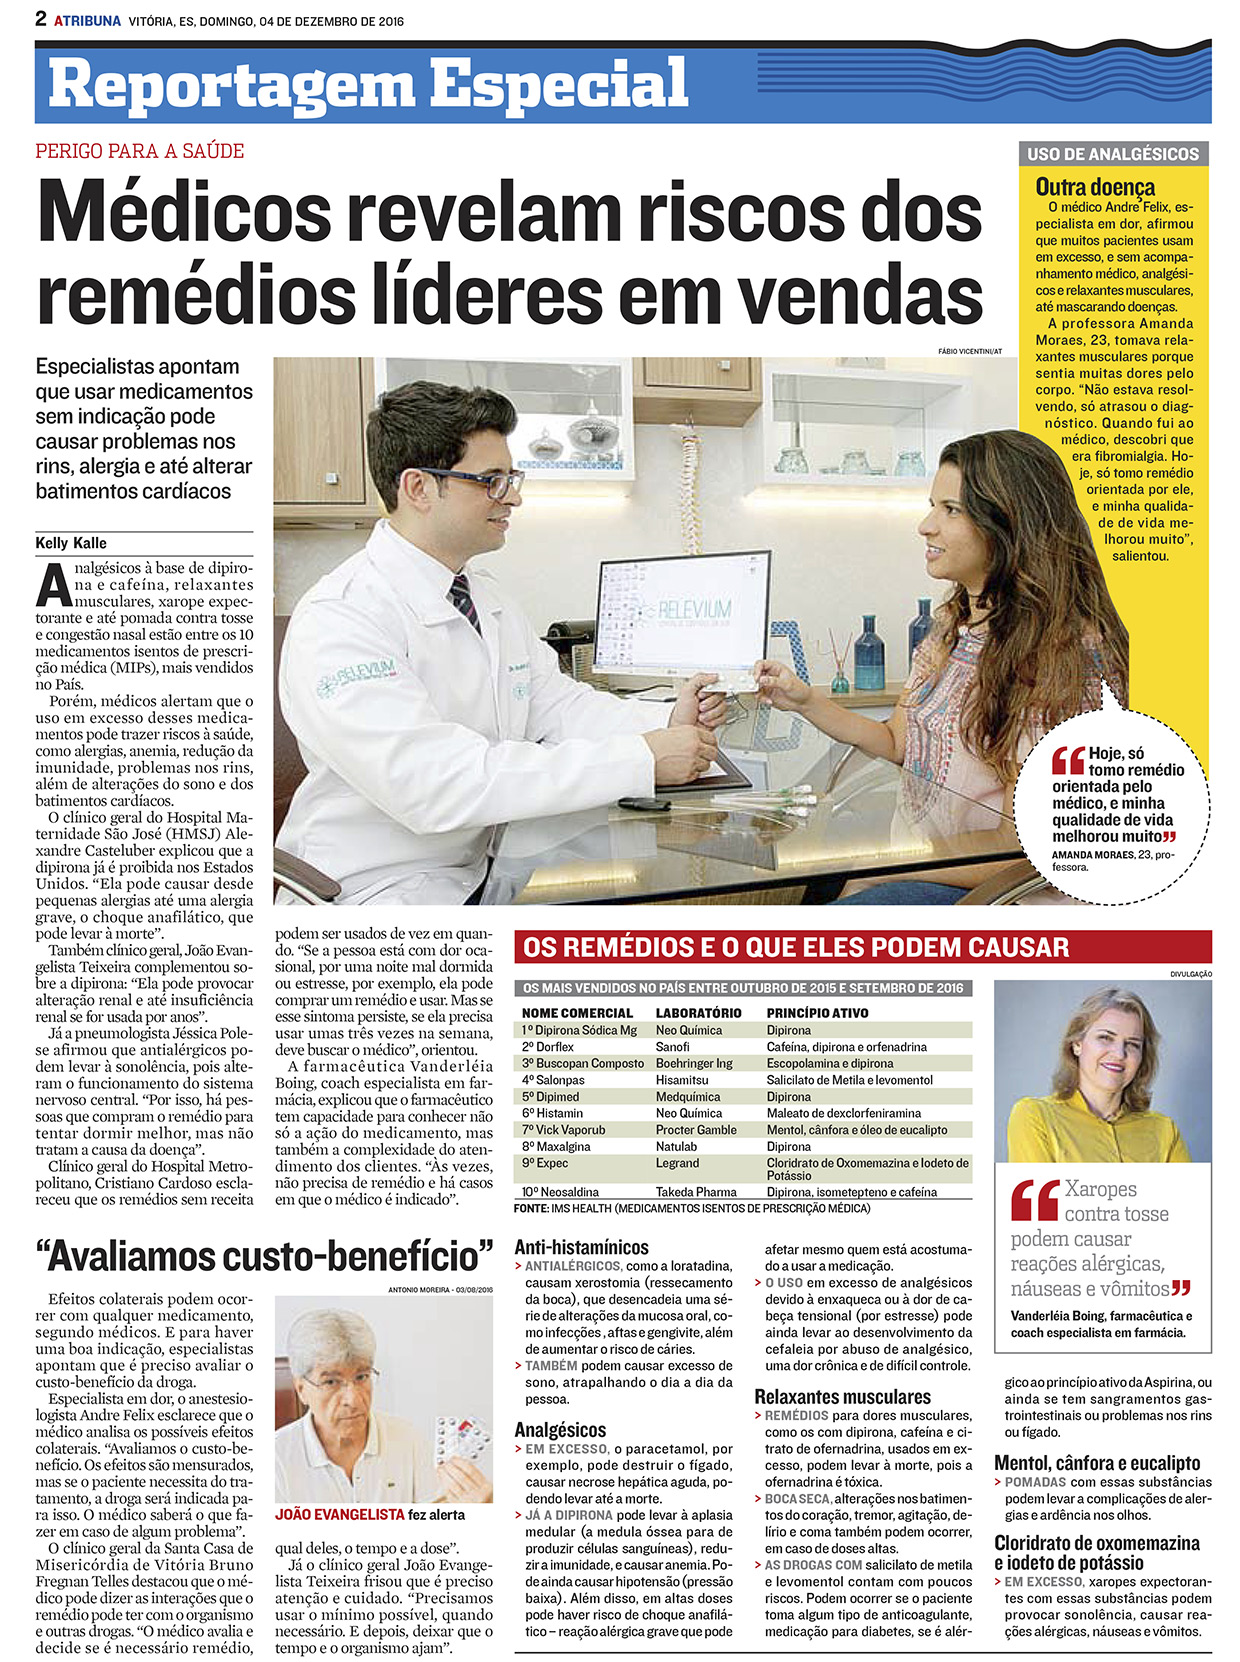 Médicos revelam riscos dos remédios líderes em vendas - A Tribuna